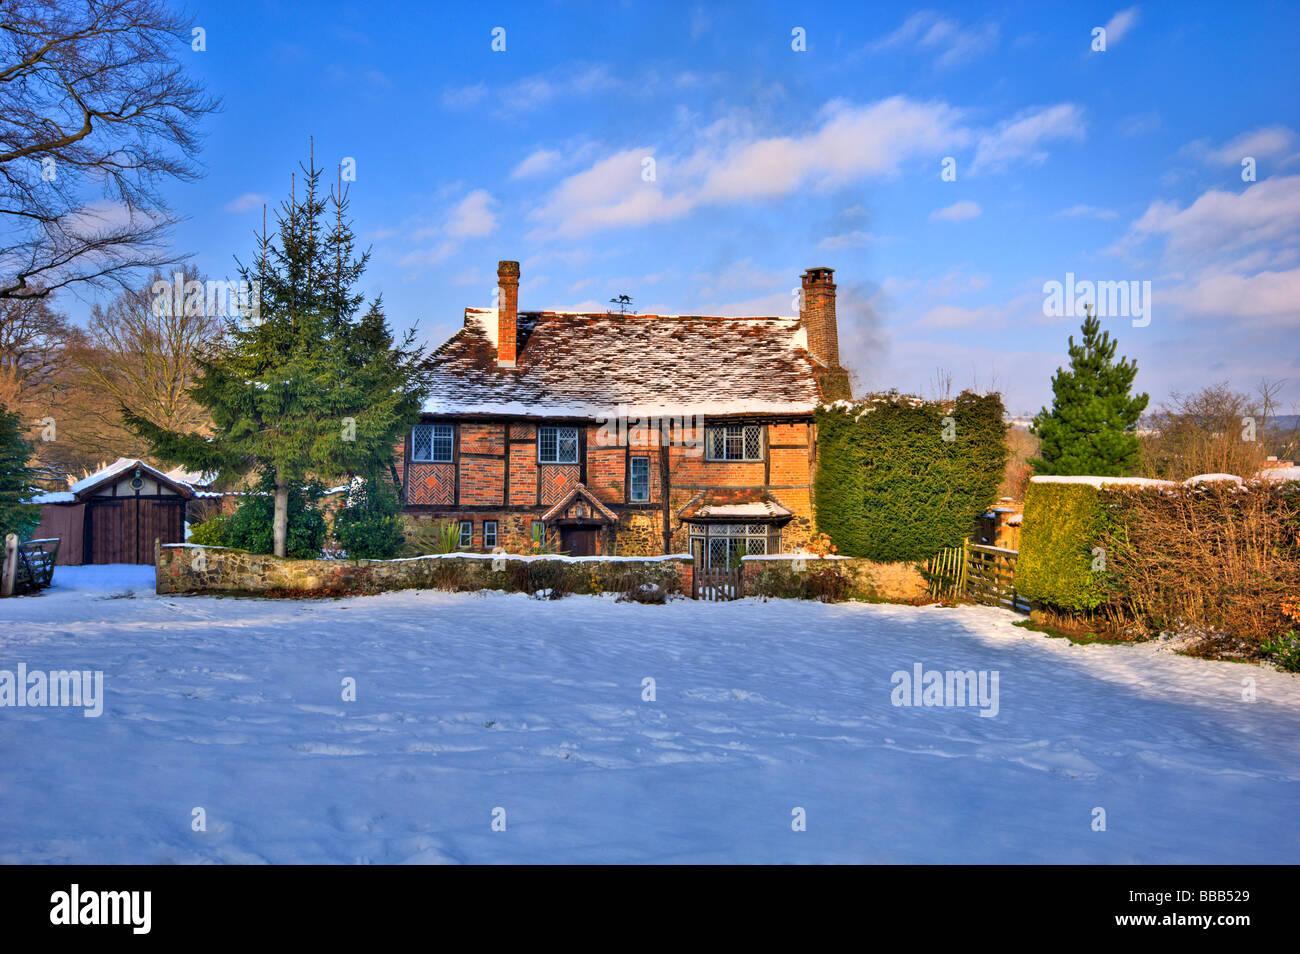 old tudor style house westerham england uk winter - Stock Image